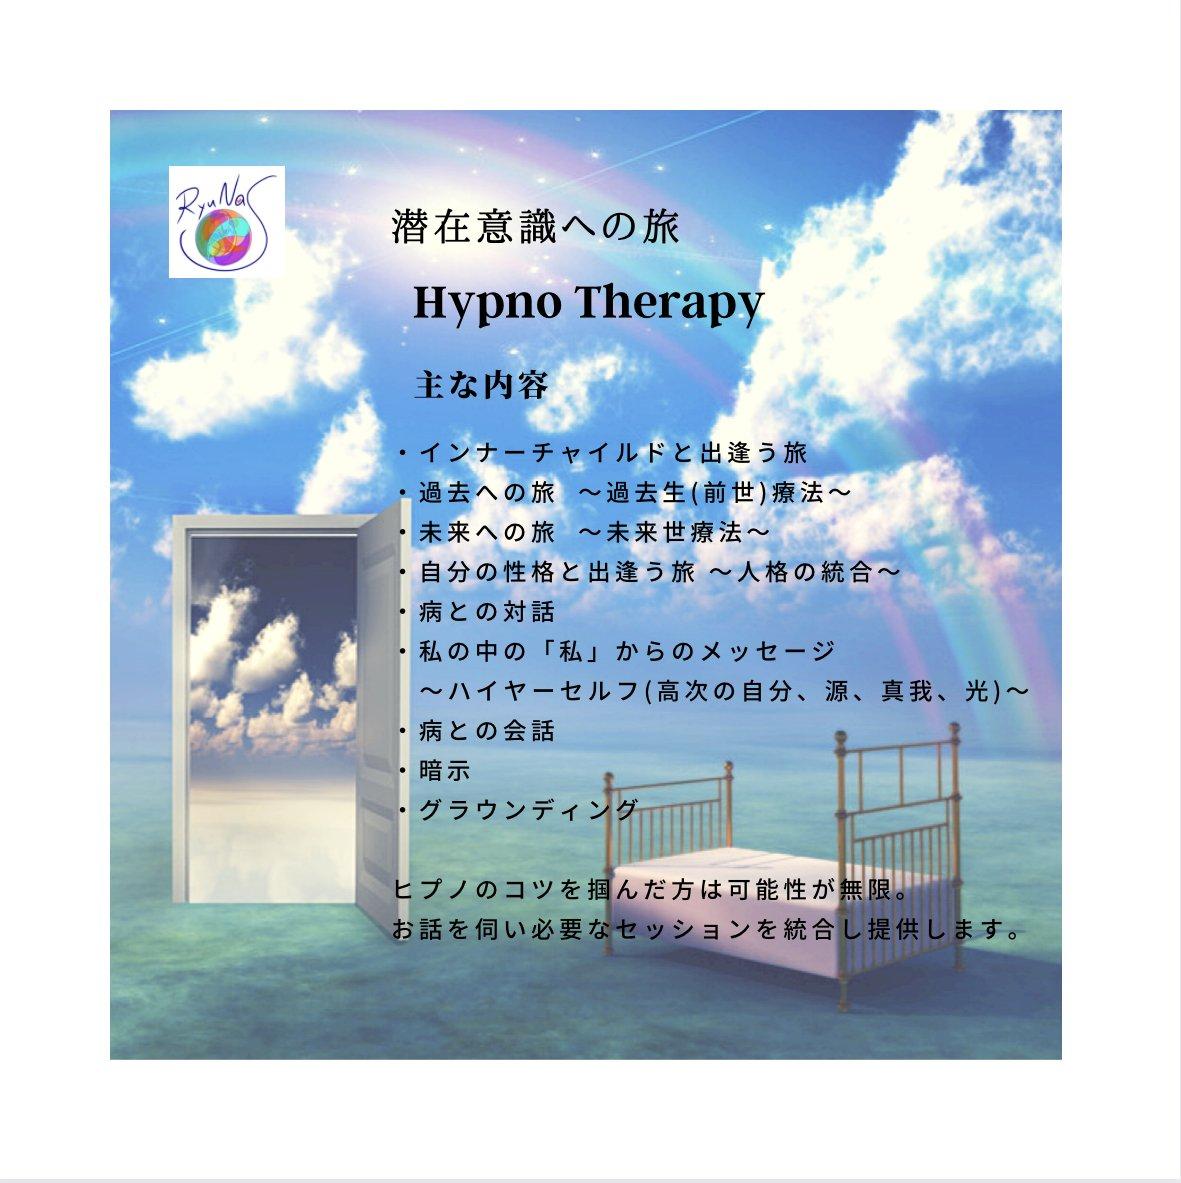 ロングヒプノセラピー(催眠療法)6時間+ドリンクBAR付きのイメージその2